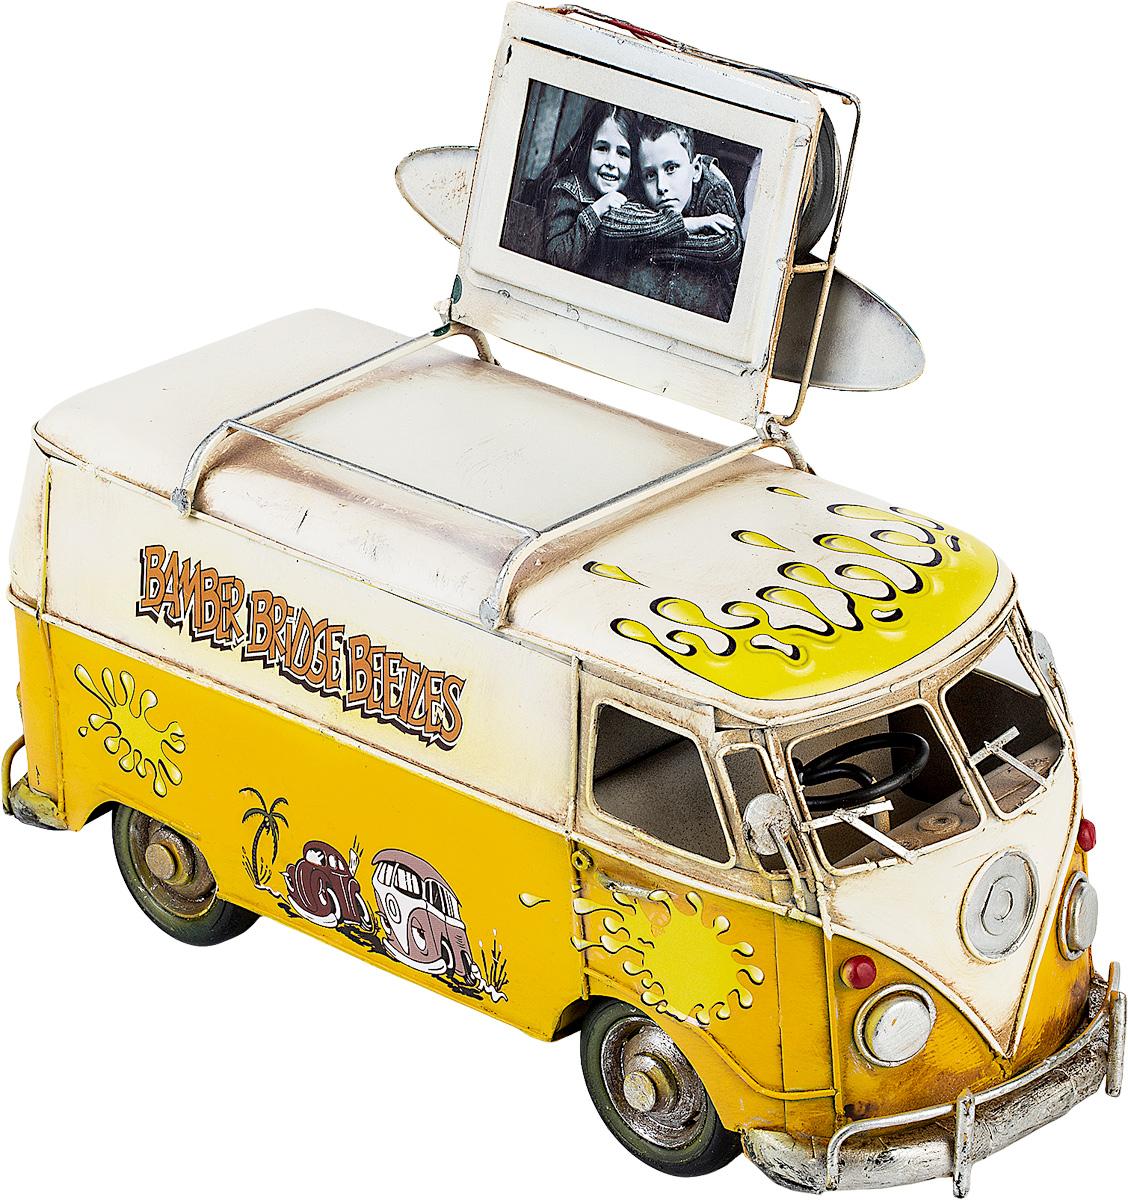 Модель Platinum Автобус, с фоторамкой. 1404E-43321404E-4332Модель Platinum Автобус, выполненная из металла, станет оригинальнымукрашением вашегоинтерьера. Вы можете поставить модель автобуса в любом месте, где онабудет удачно смотреться. Изделие дополнено фоторамкой, куда вы можете вставить вашу любимуюфотографию. Качество исполнения, точные детали и оригинальный дизайн выделяют этумодель среди ряда подобных. Модель займет достойное место в вашейколлекции, а также приятно удивит получателя в качестве стильного сувенира. Размер фотографии: 4 х 7 см.